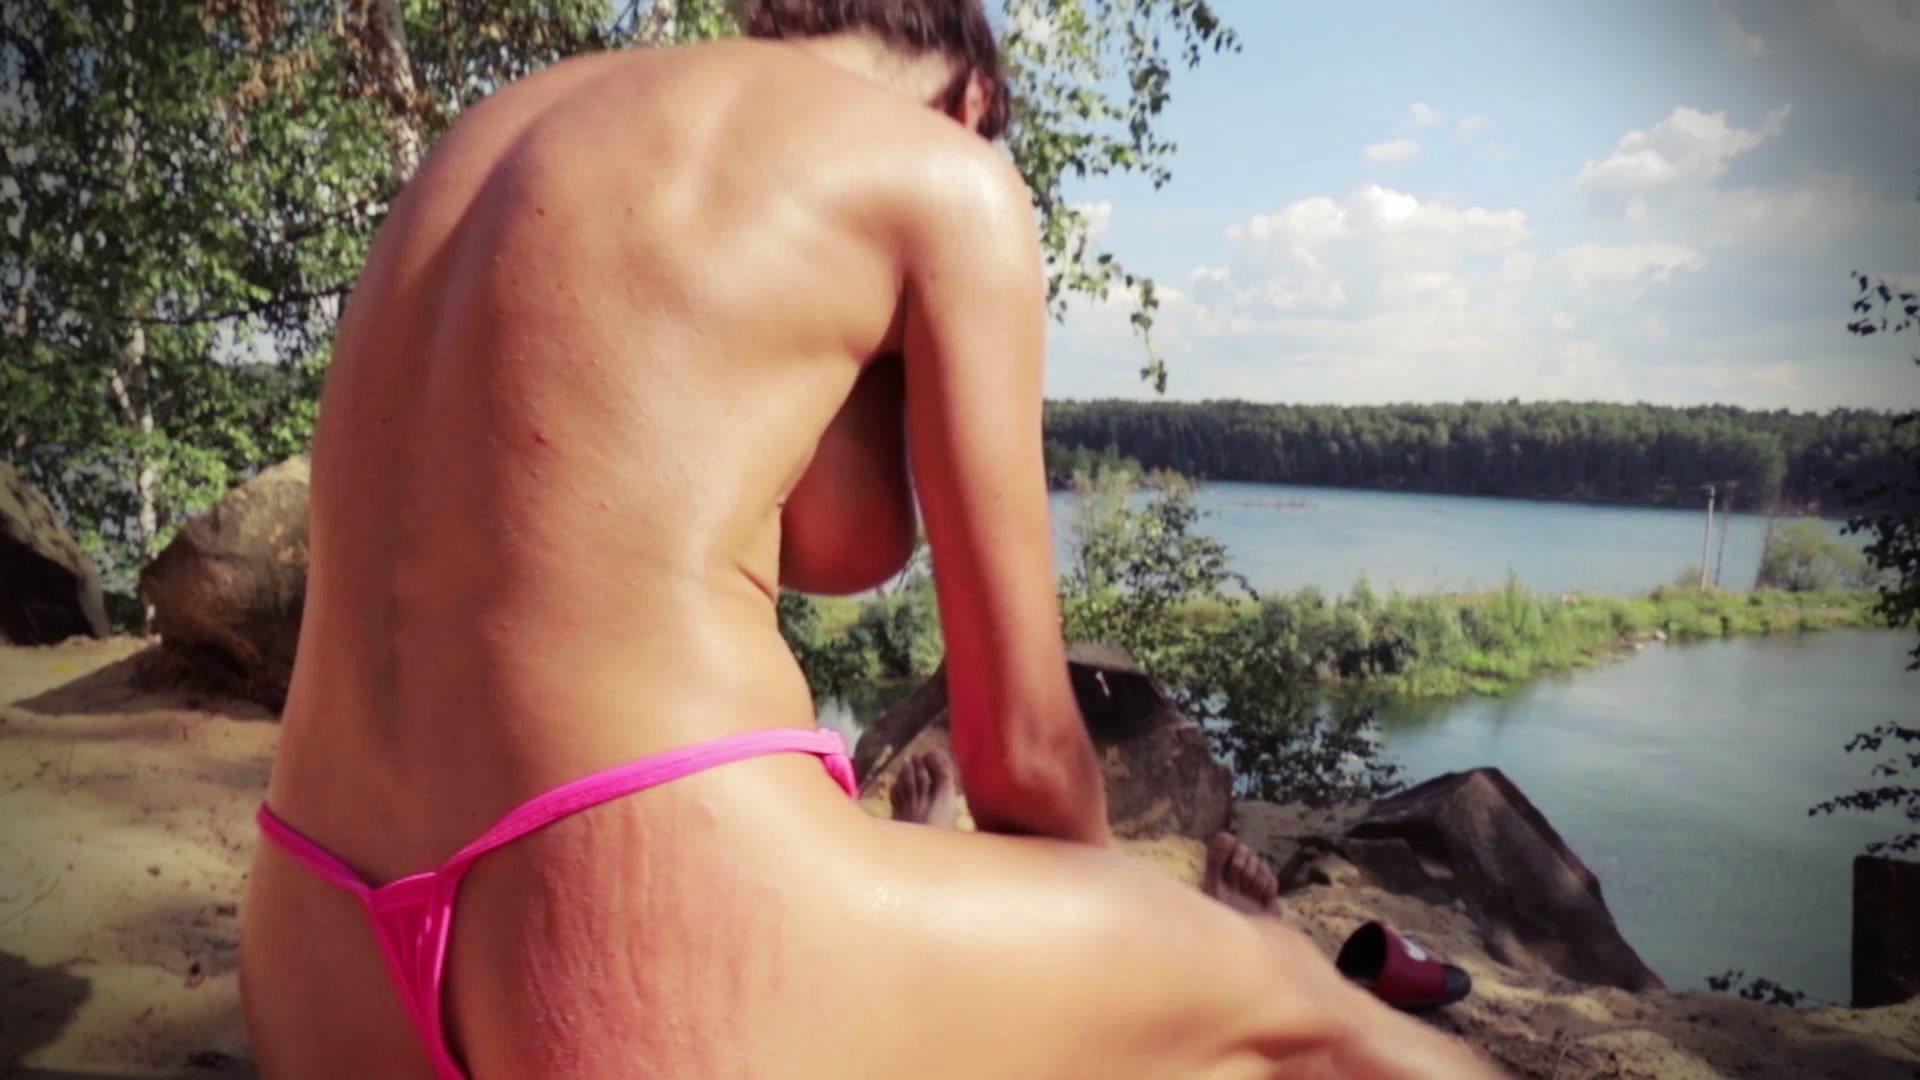 Brezilyalı bikinili hatun güneşlenirken erkek onu yağladı